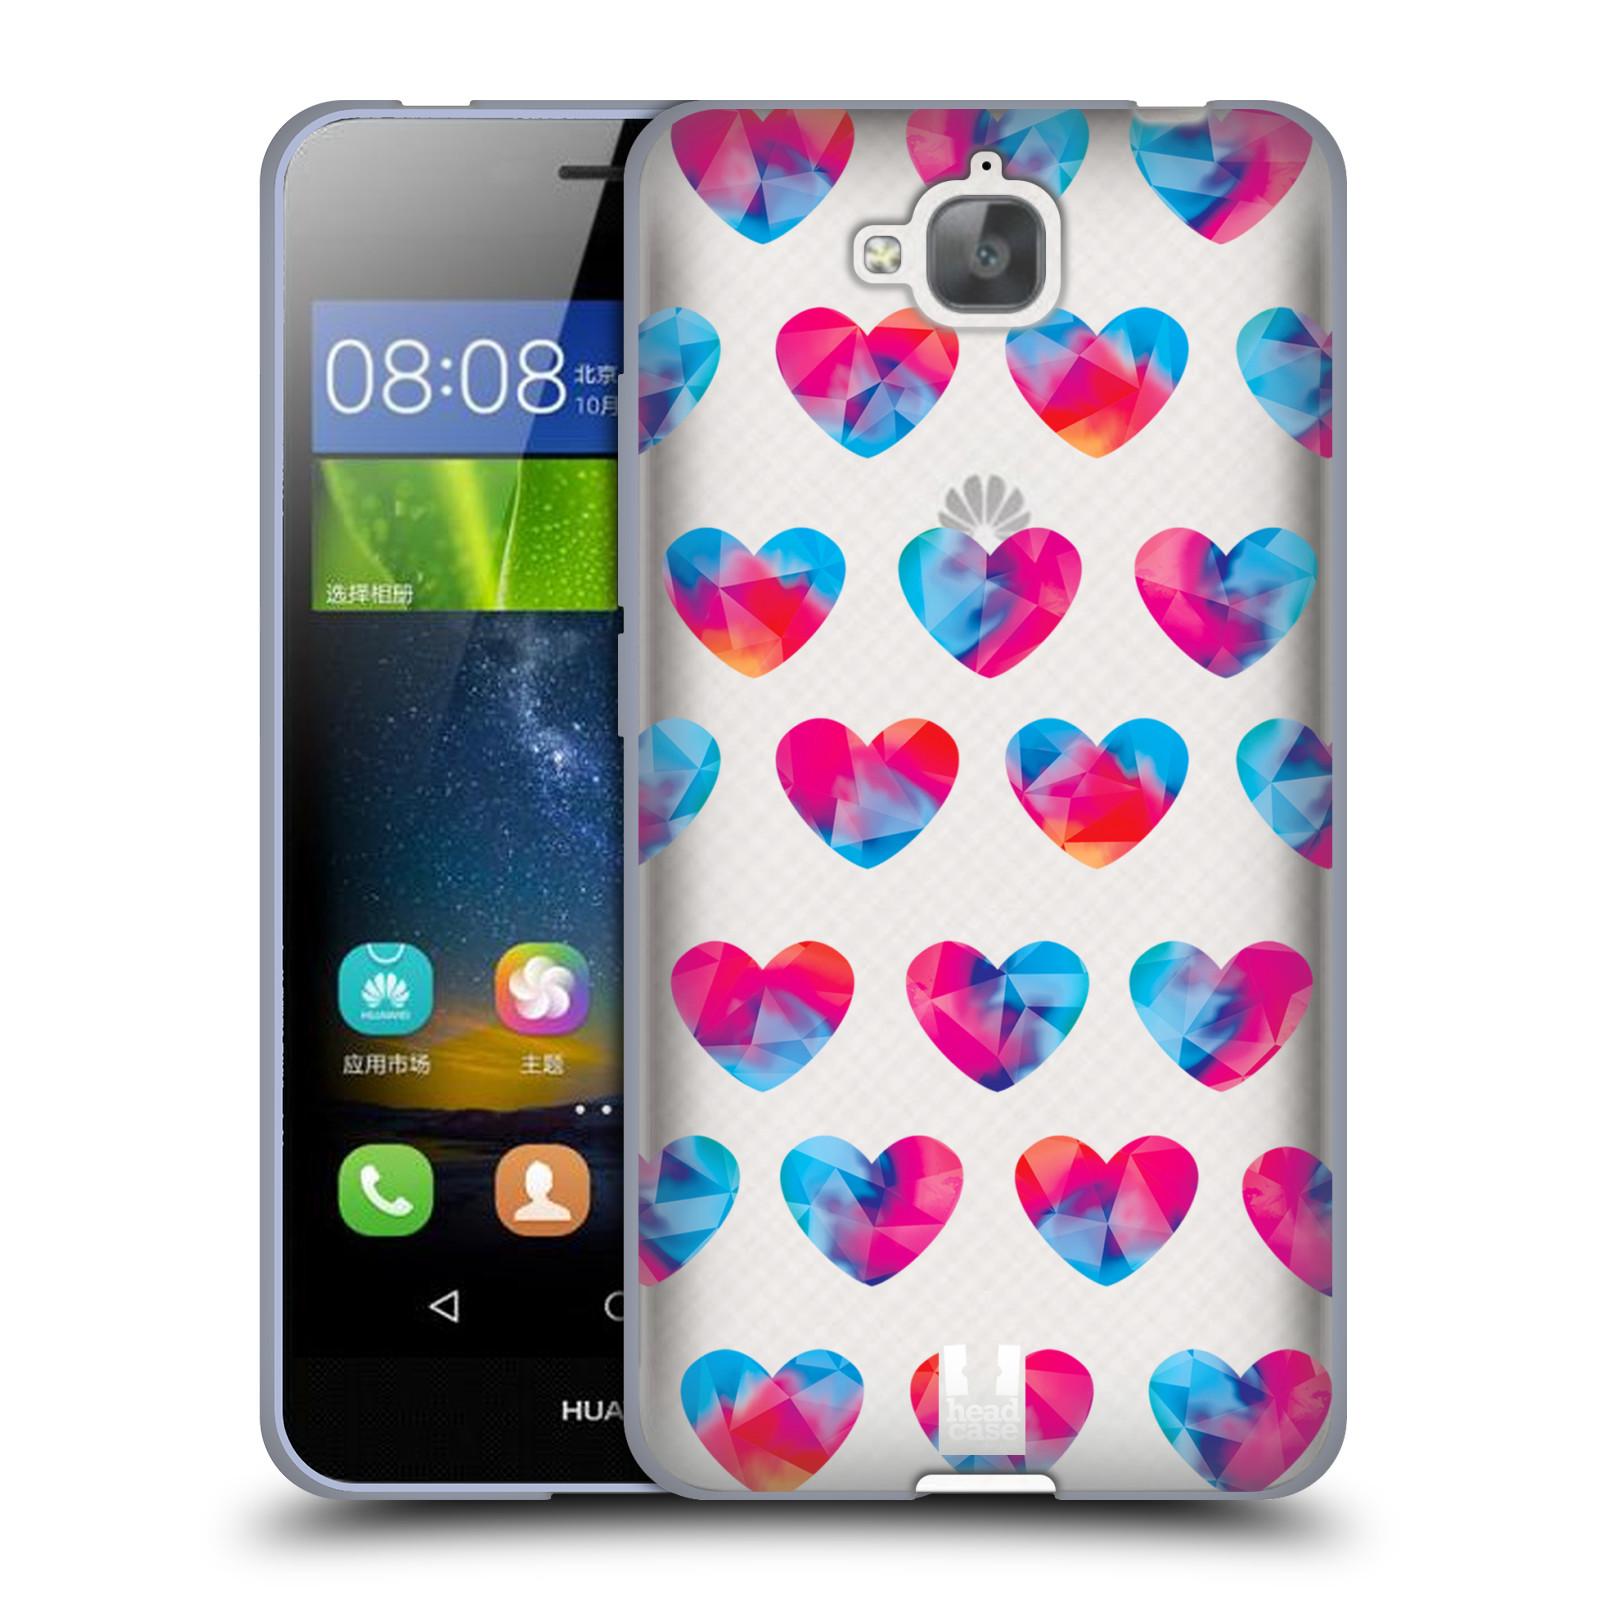 Silikonové pouzdro na mobil Huawei Y6 Pro Dual Sim - Head Case - Srdíčka hrající barvami